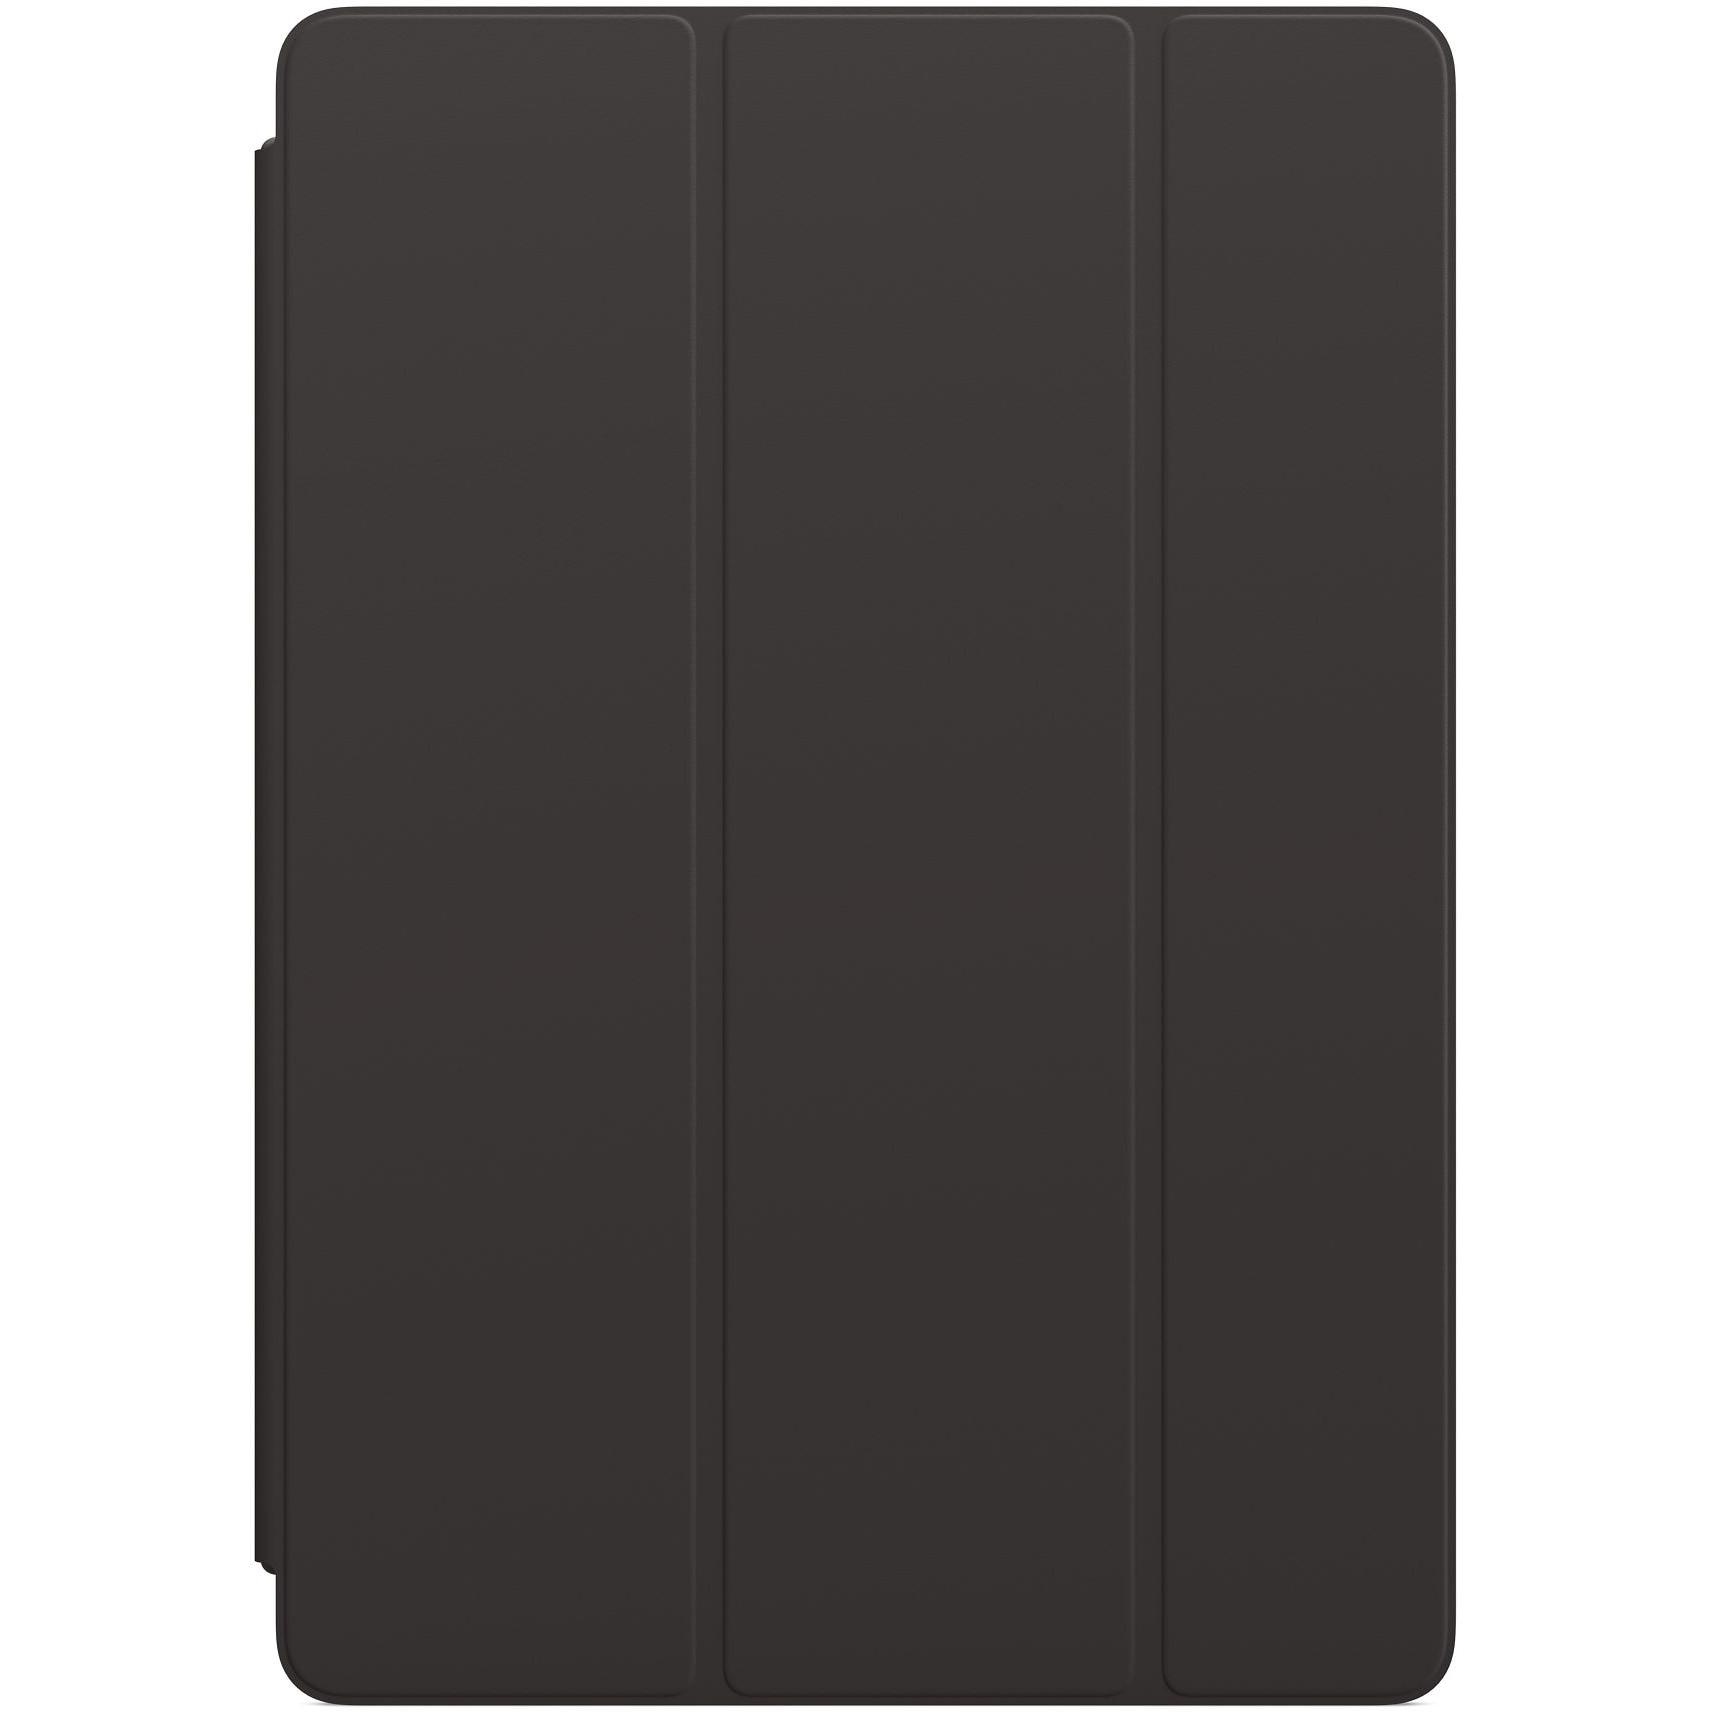 Fotografie Husa de protectie Apple Smart Cover pentru iPad 7 / iPad Air 3, Negru